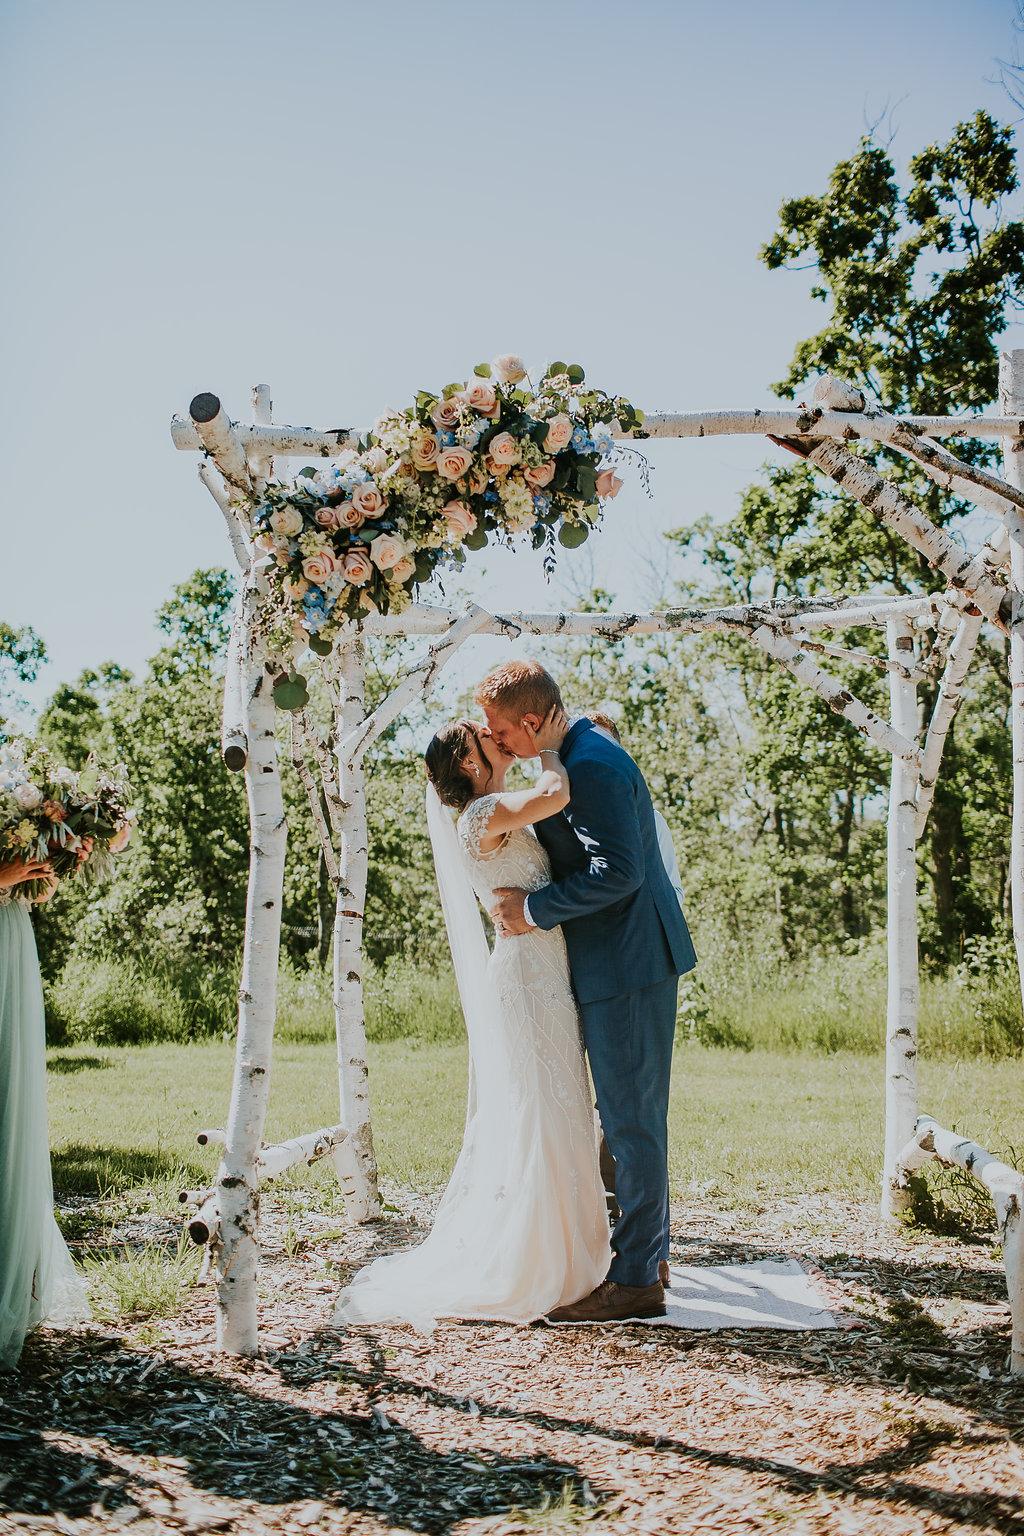 Feminine Outdoor Wedding - Pineridge Hollow Wedding